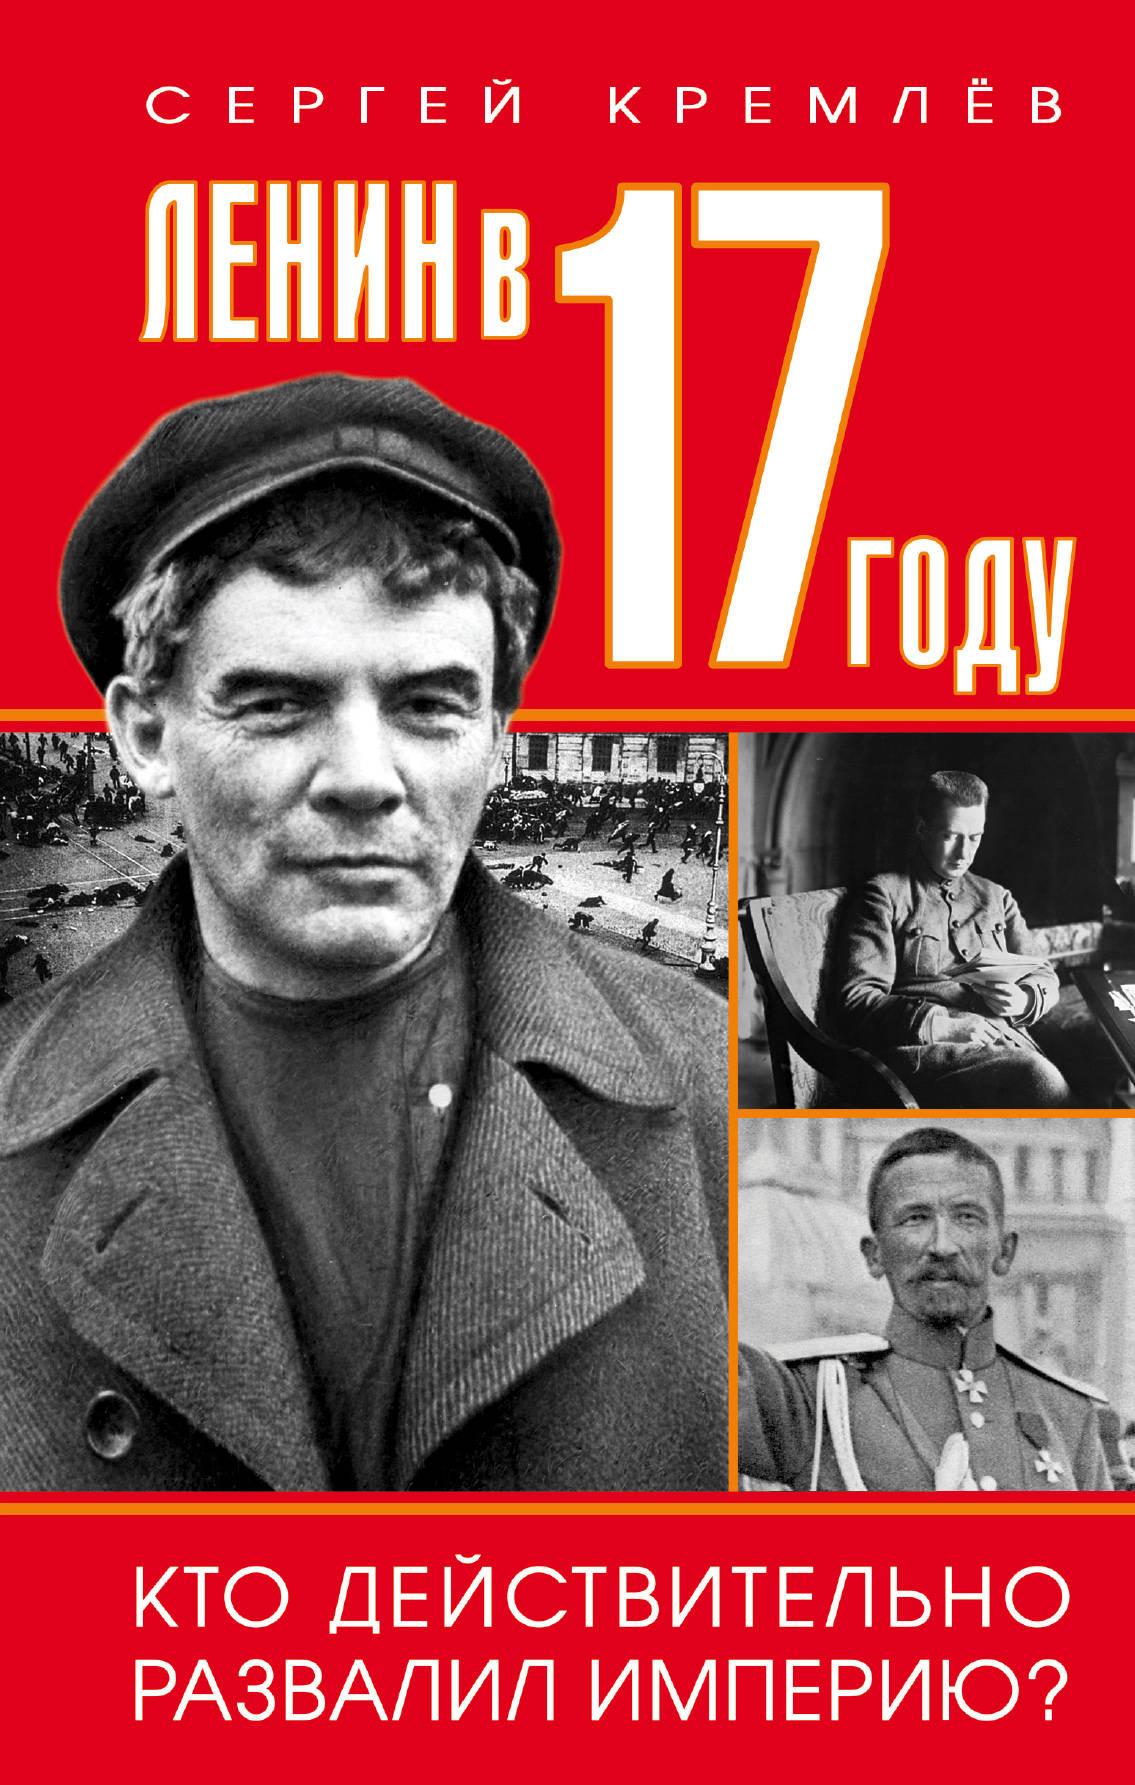 Сергей Кремлев Ленин в 1917 году ISBN: 978-5-9955-0962-2